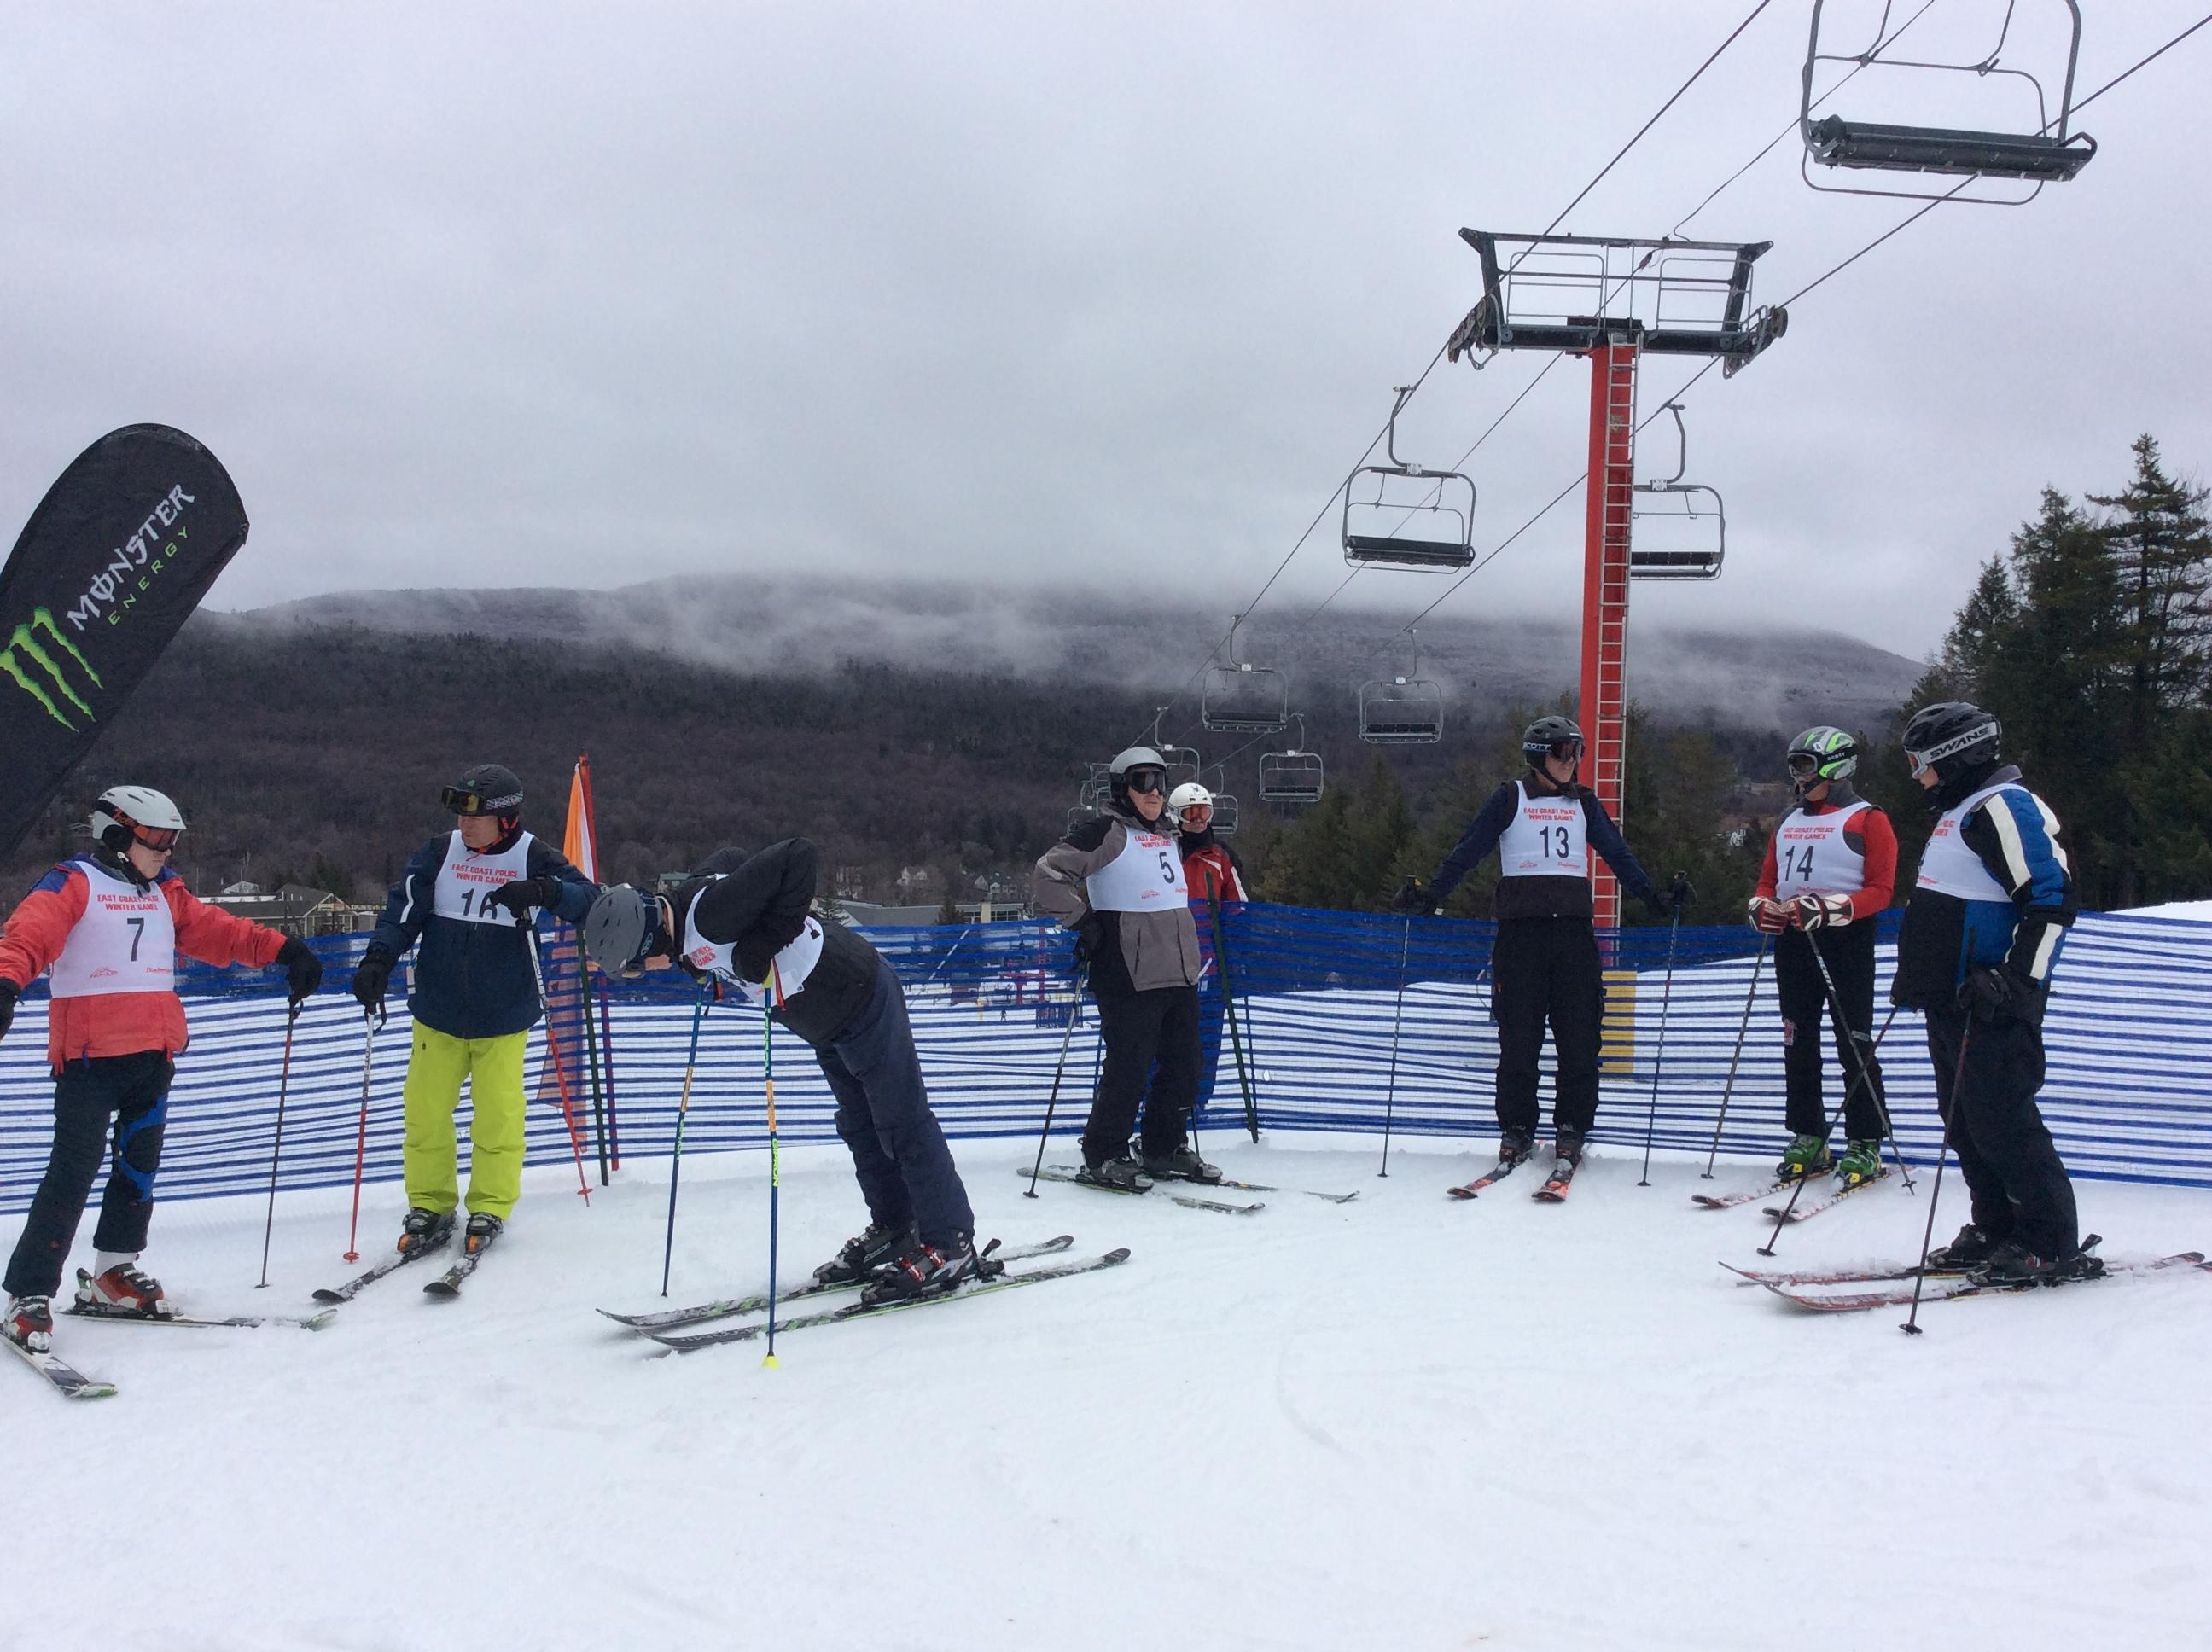 nypd-ski-club_32246004812_o